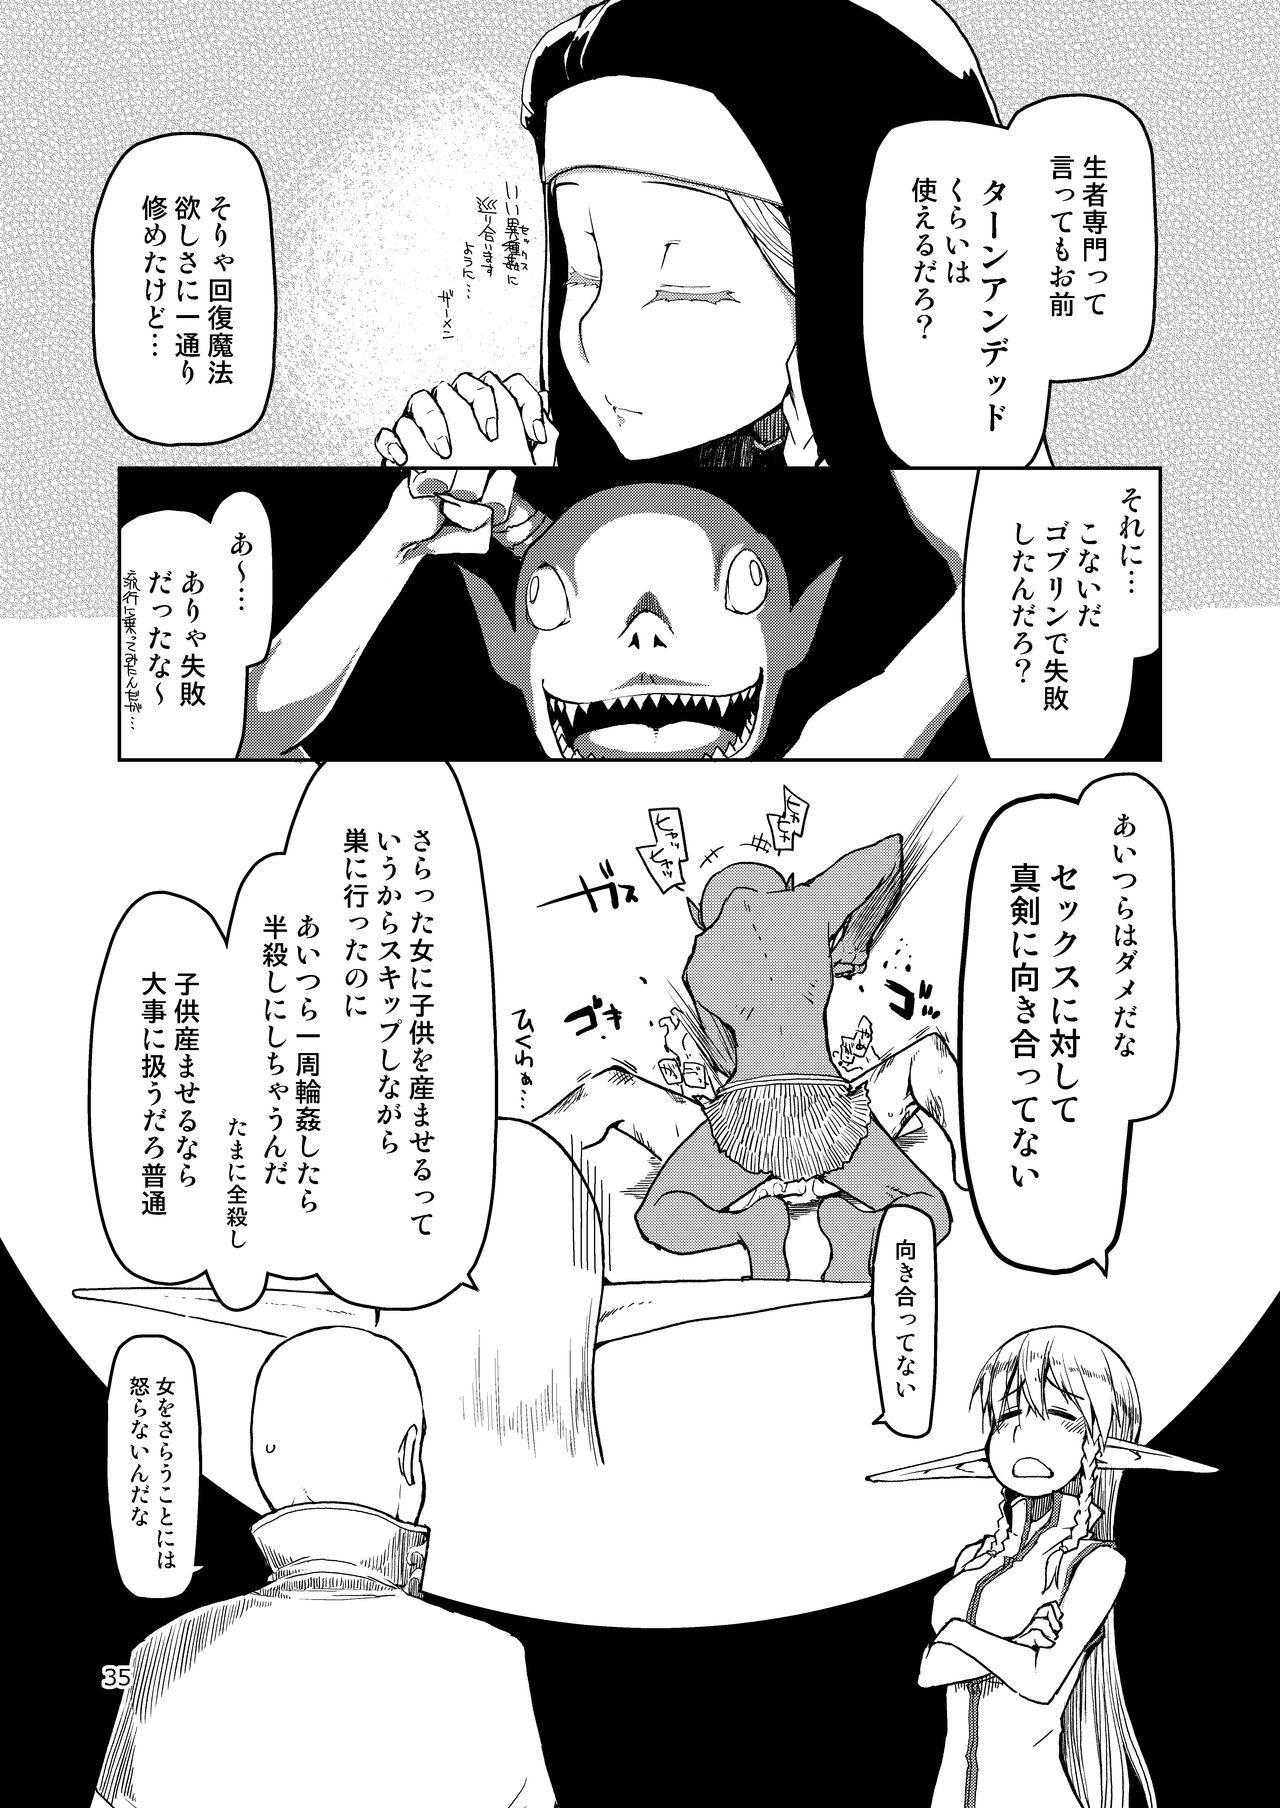 Dosukebe Elf no Ishukan Nikki Matome 2 35